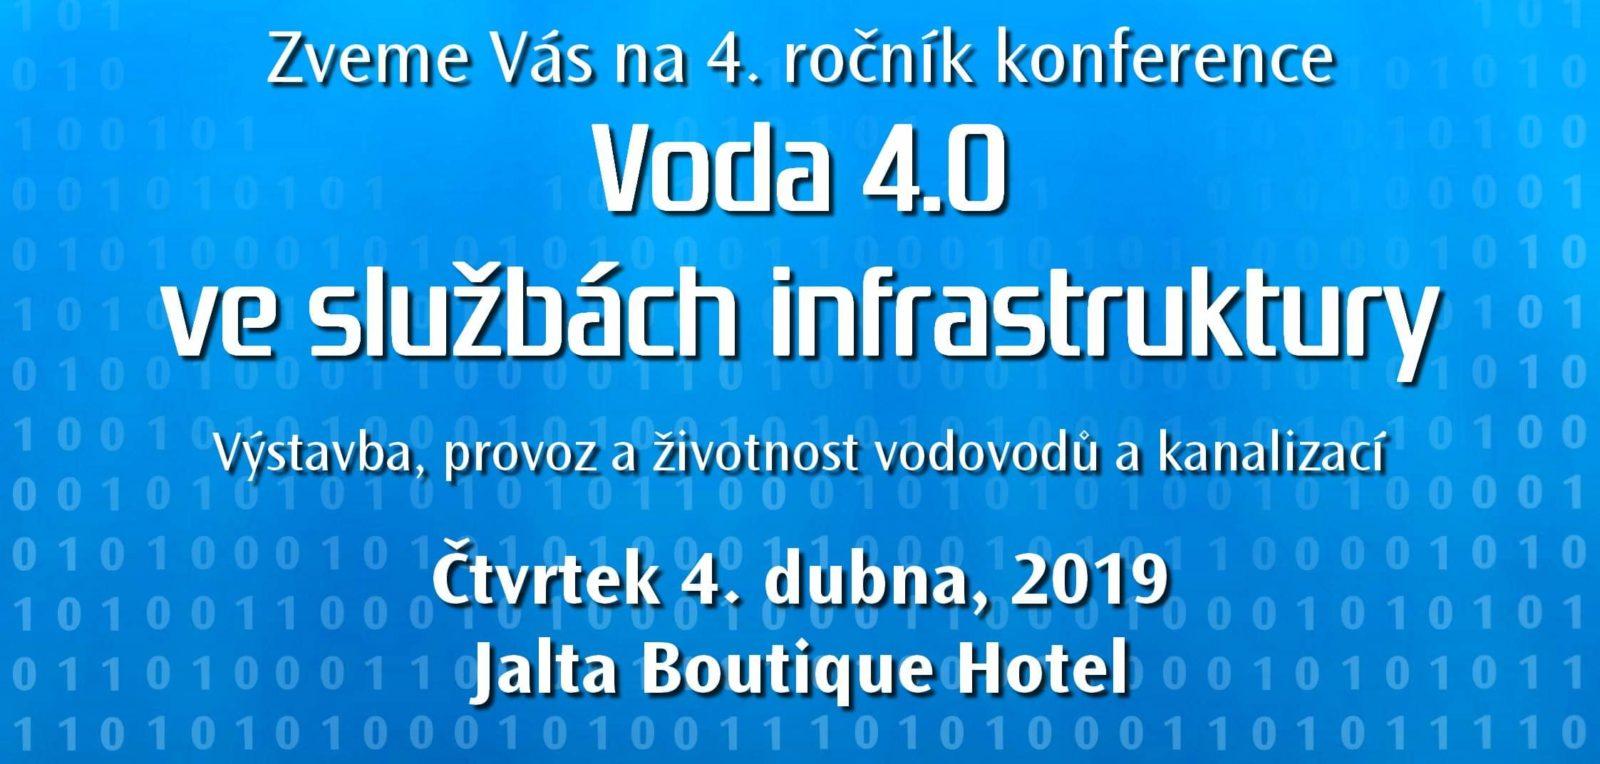 Pozvánka na konferenci Voda 4.0